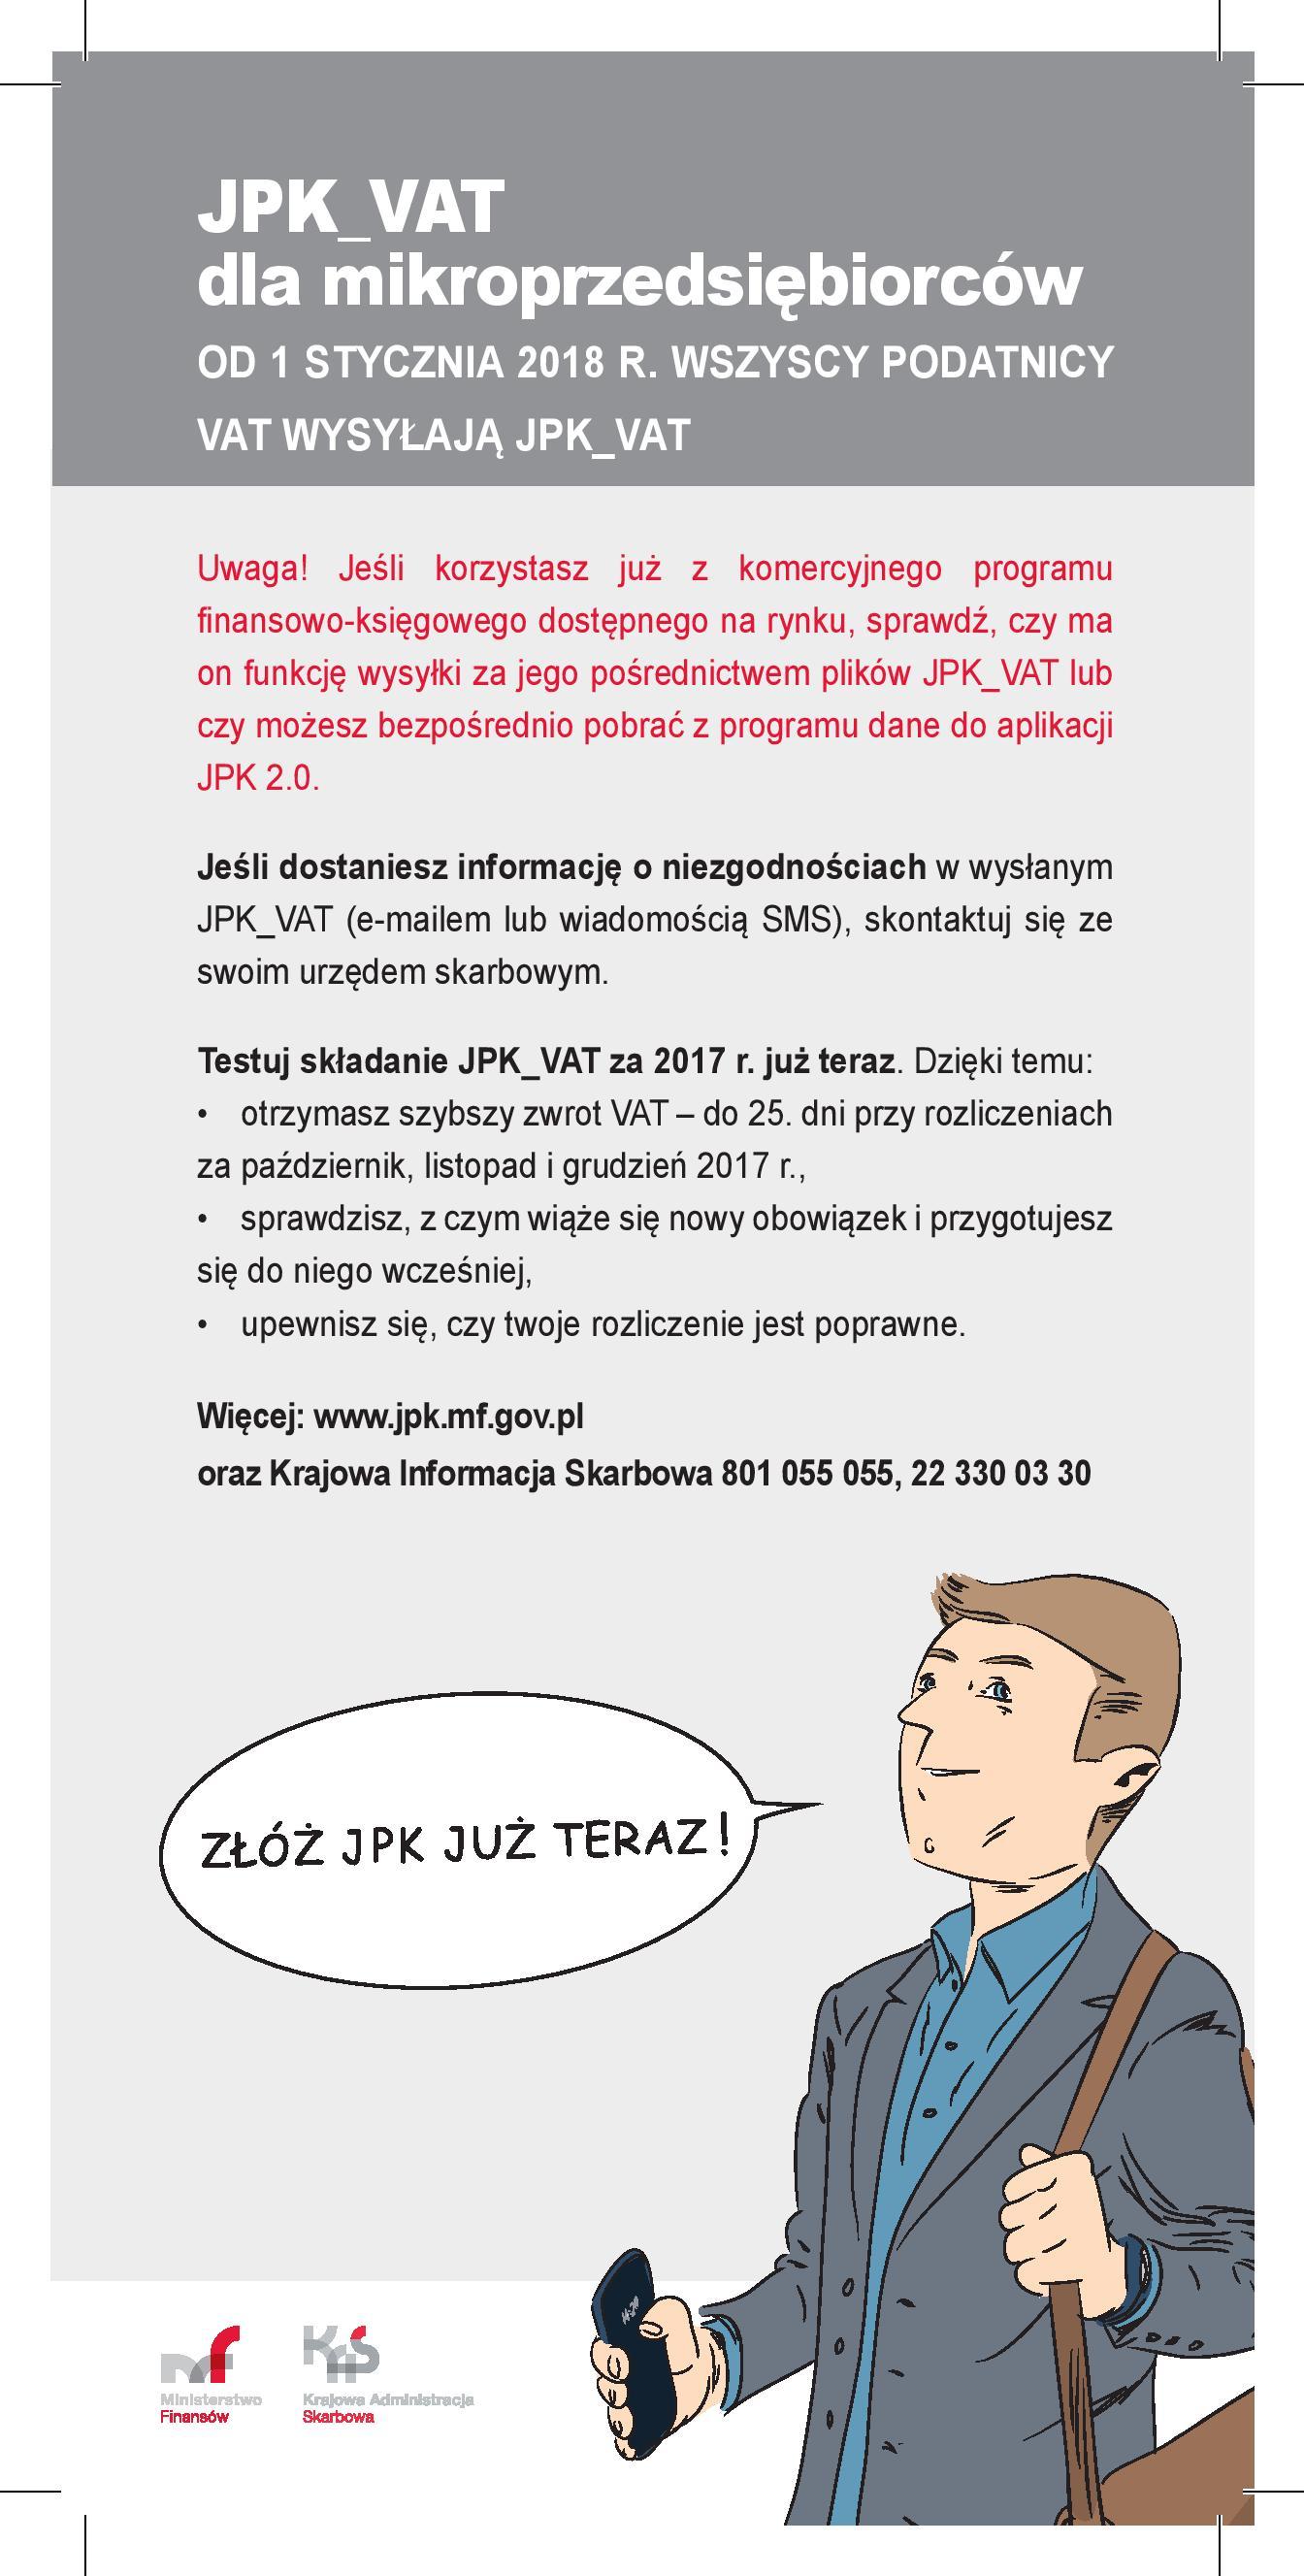 Szkolenia z JPK dla mikroprzedsiębiorców